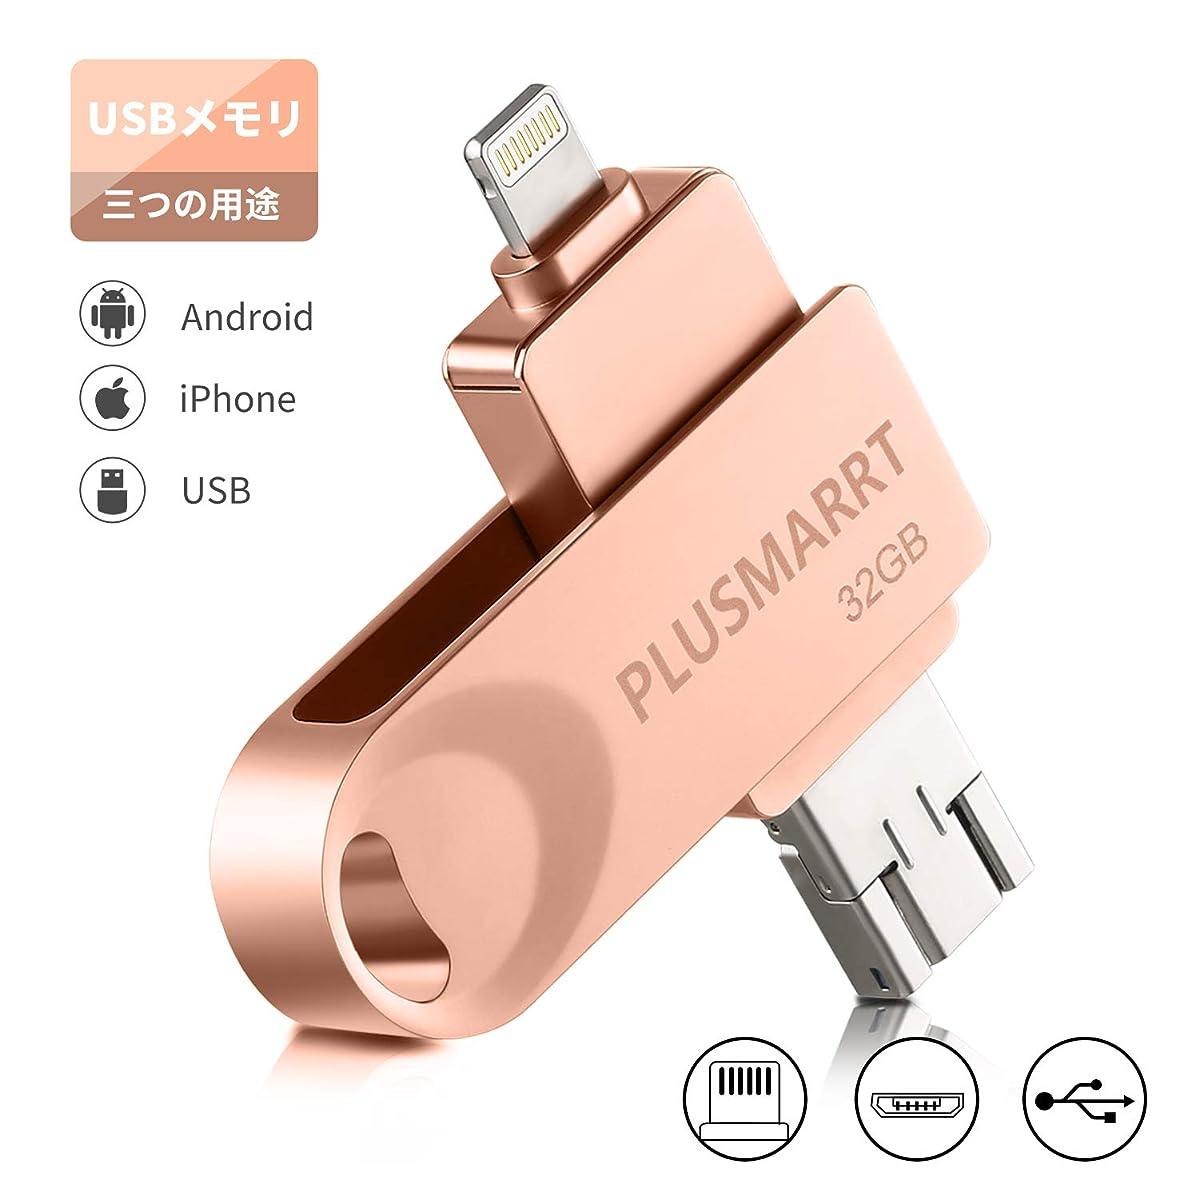 きらめき平衡薬局PLUSMARRT USBメモリ 32gb iPhone/Android/PC対応 フラッシュドライブ ピンク